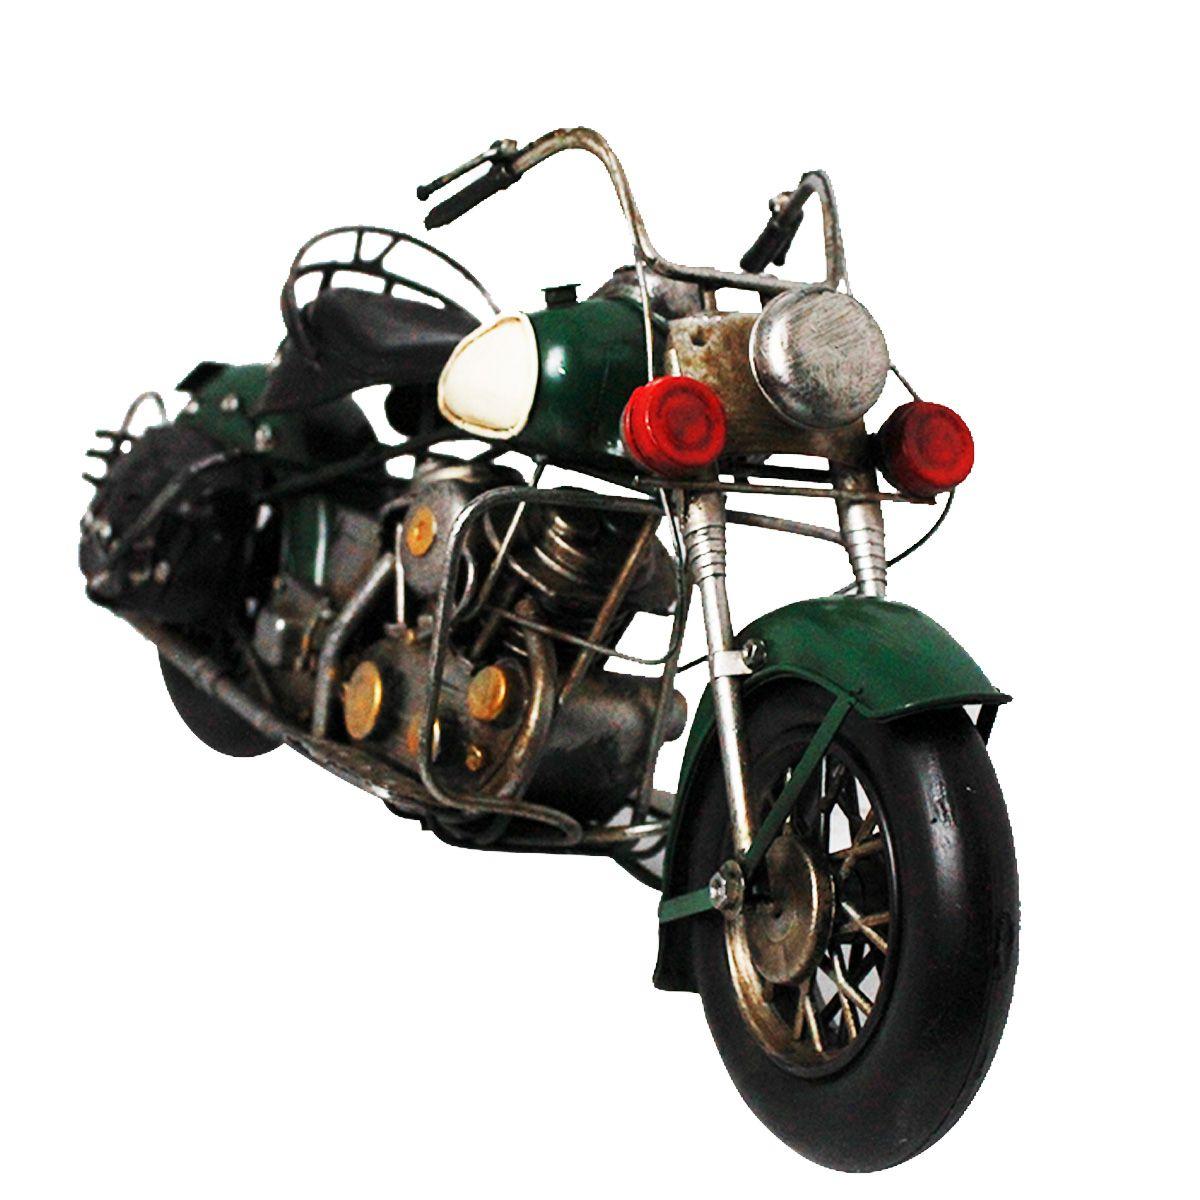 Moto Decorativa de Metal Vintage Dark Green C/ Alforge